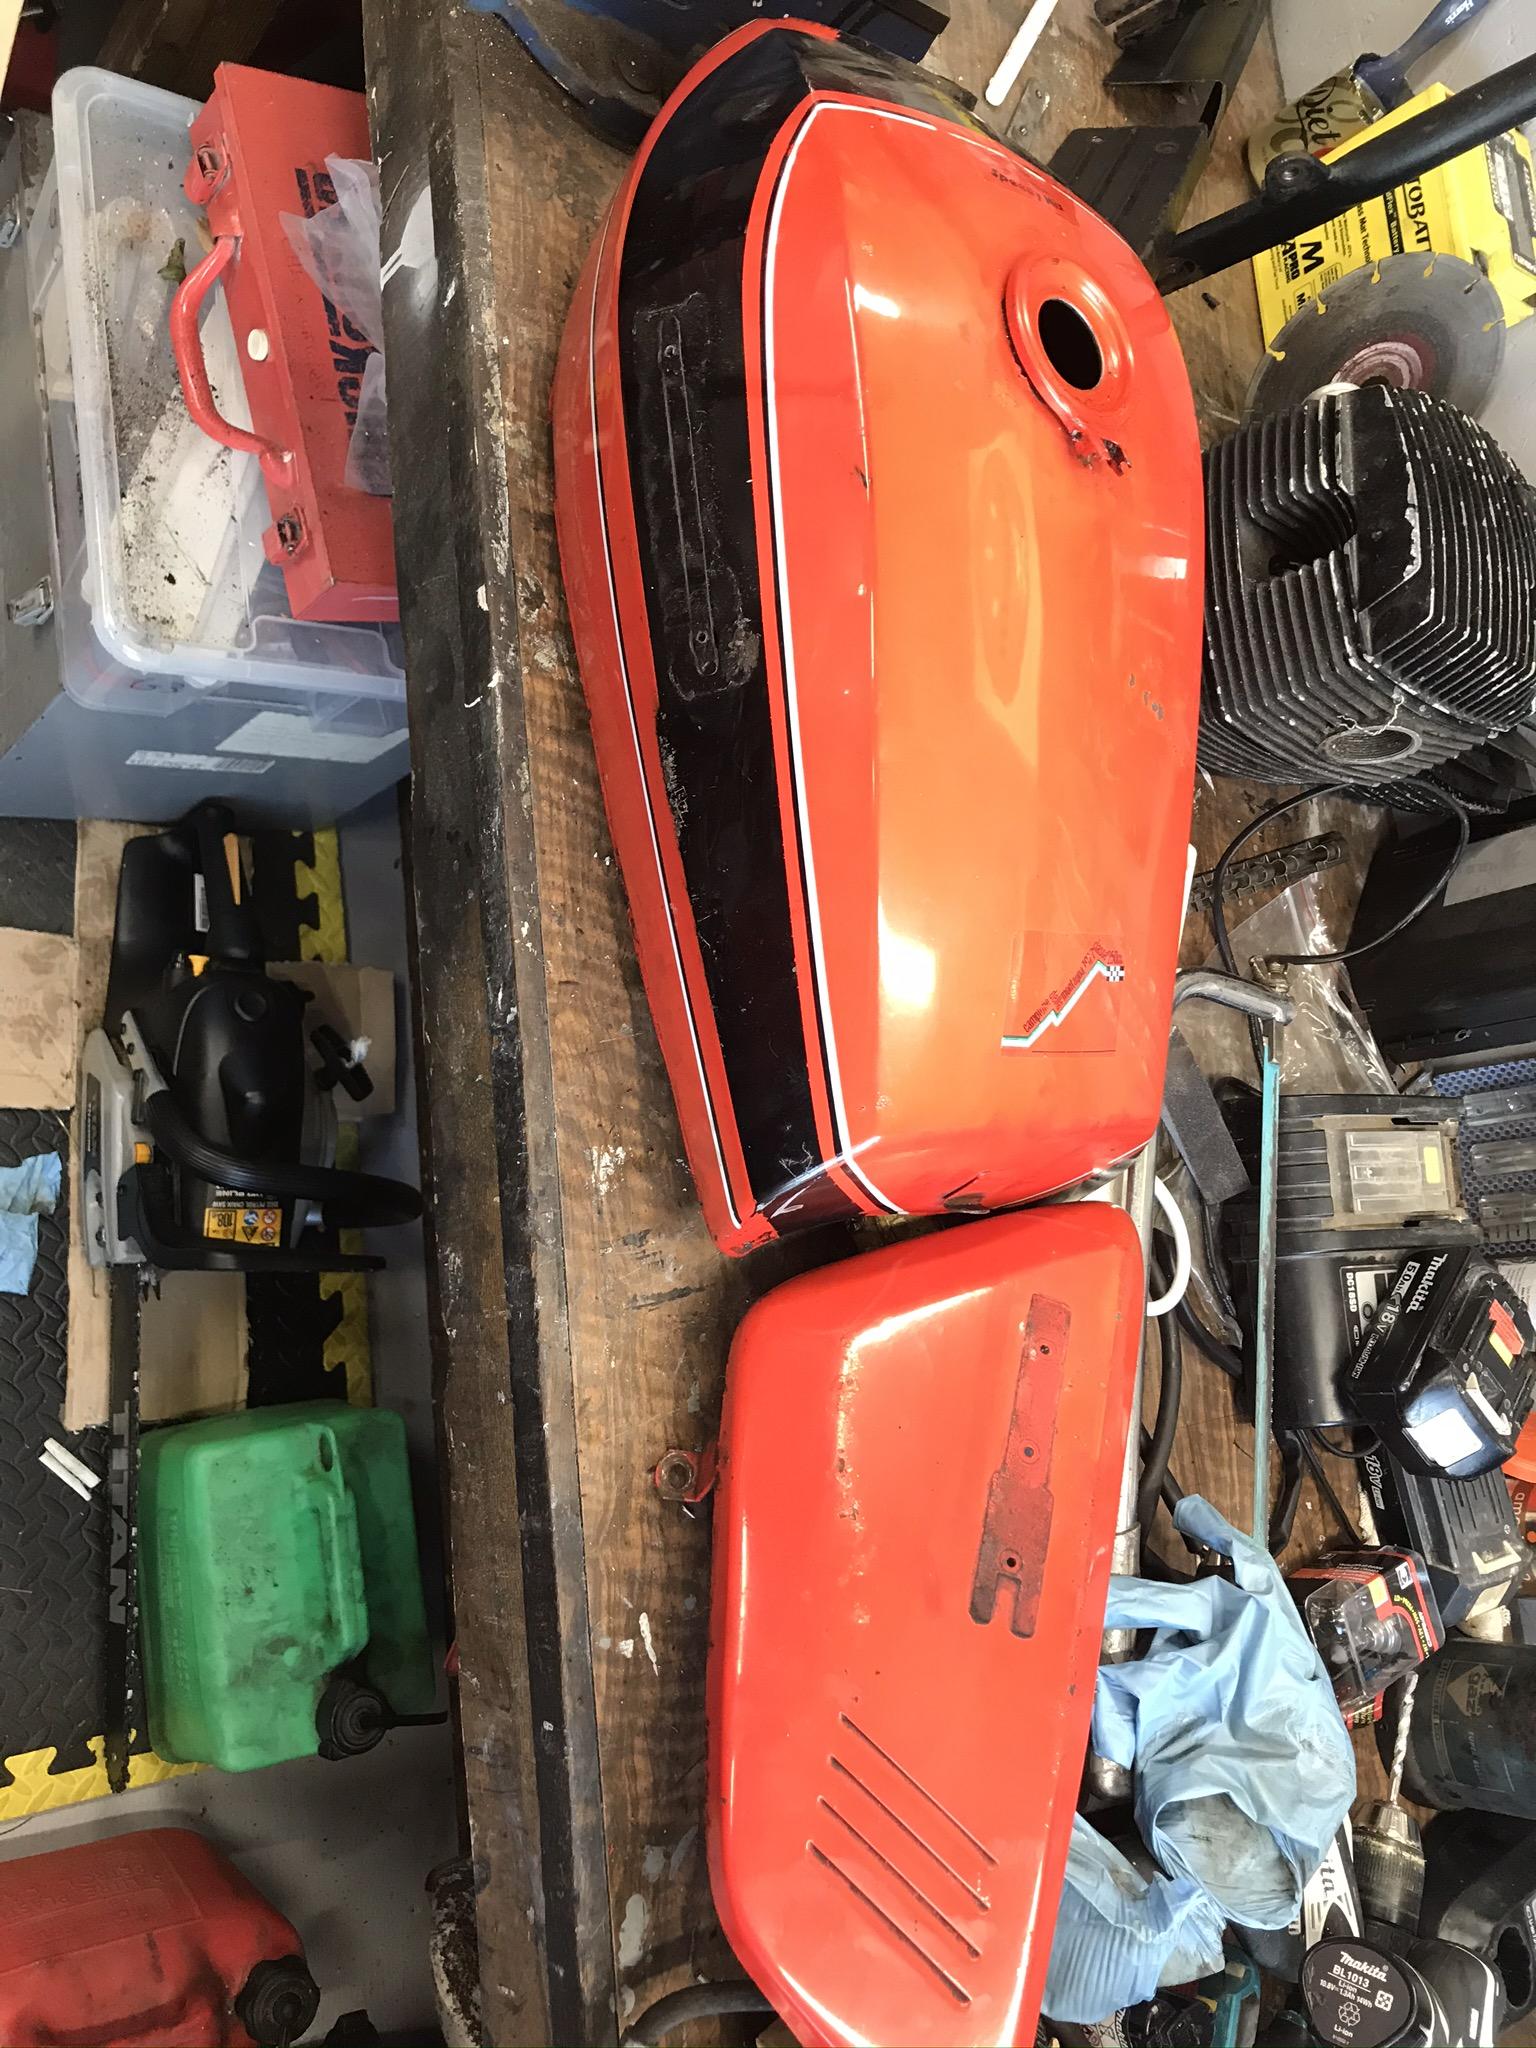 Benelli 250 2c Restoration-518b26bf-032a-4412-b625-386742a8d7c8.jpeg